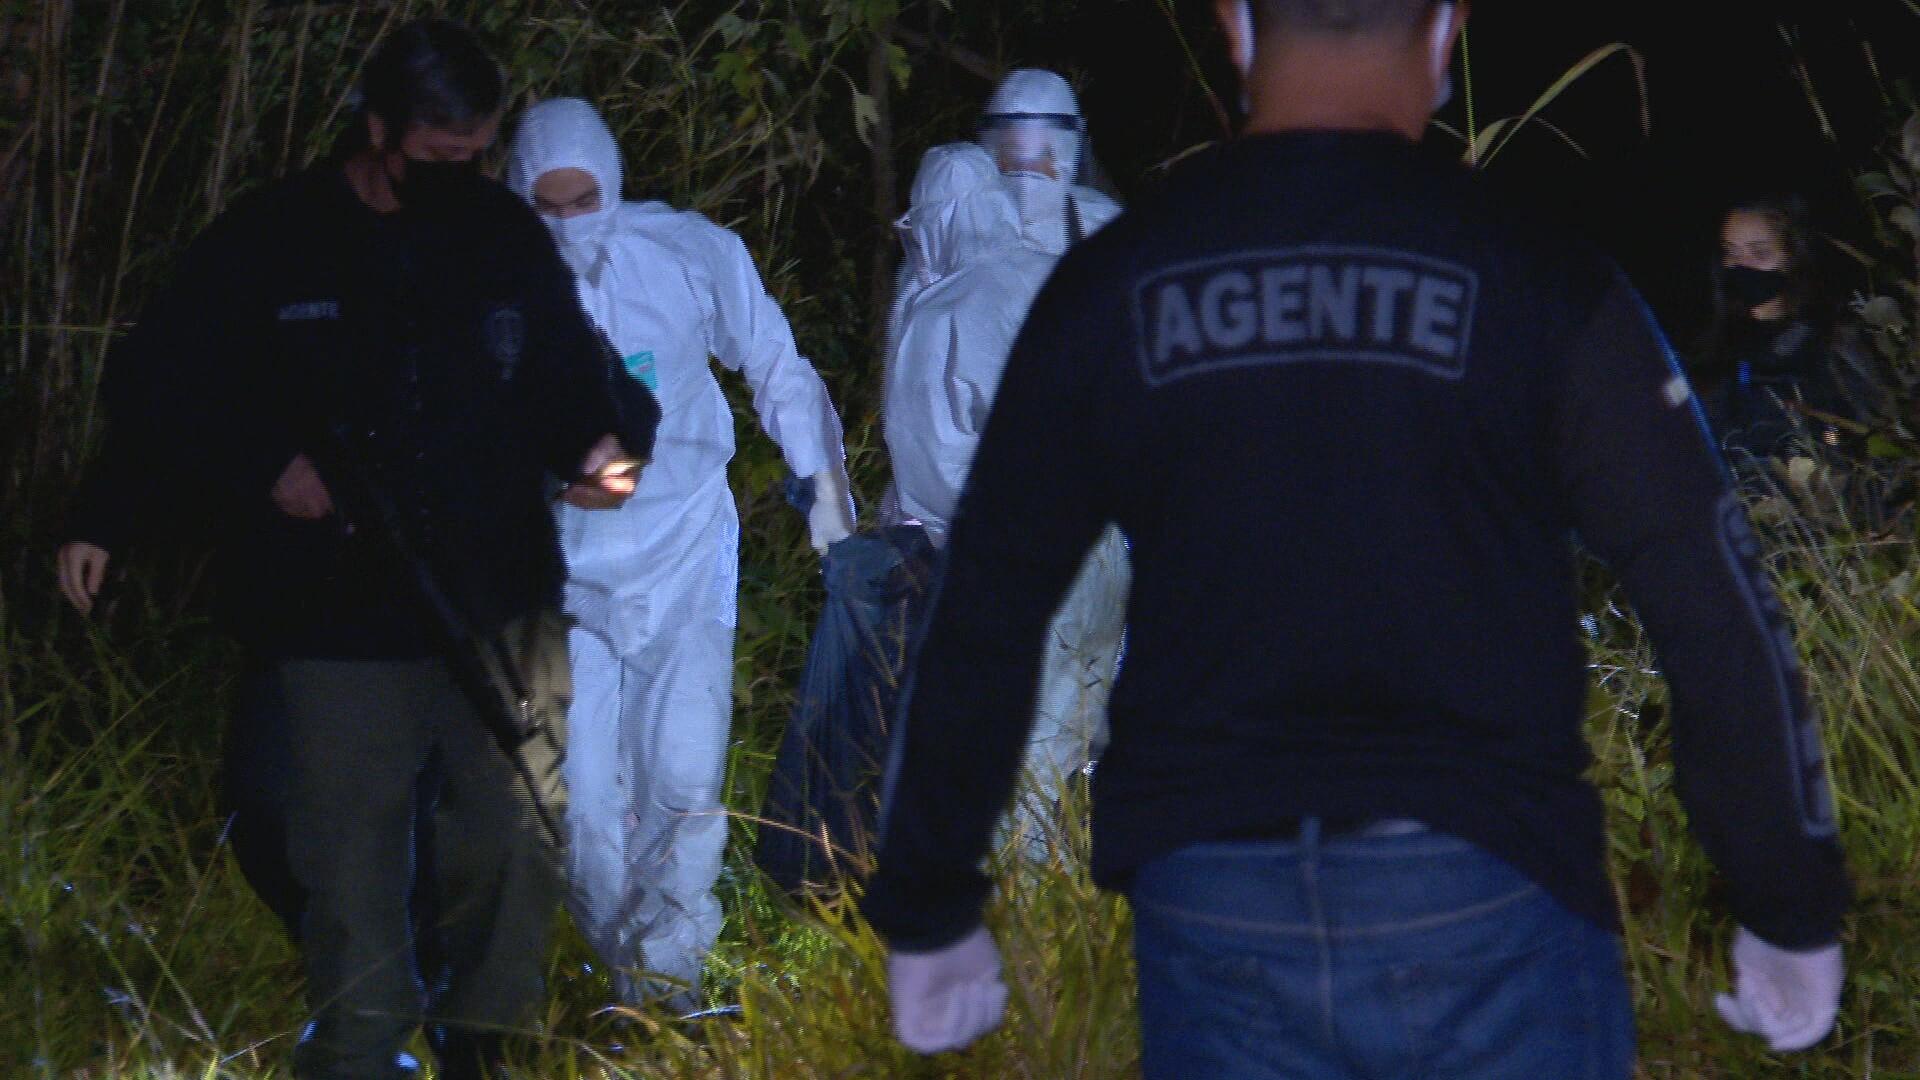 Corpo de homem é enterrado dentro de mala em área de mata no DF